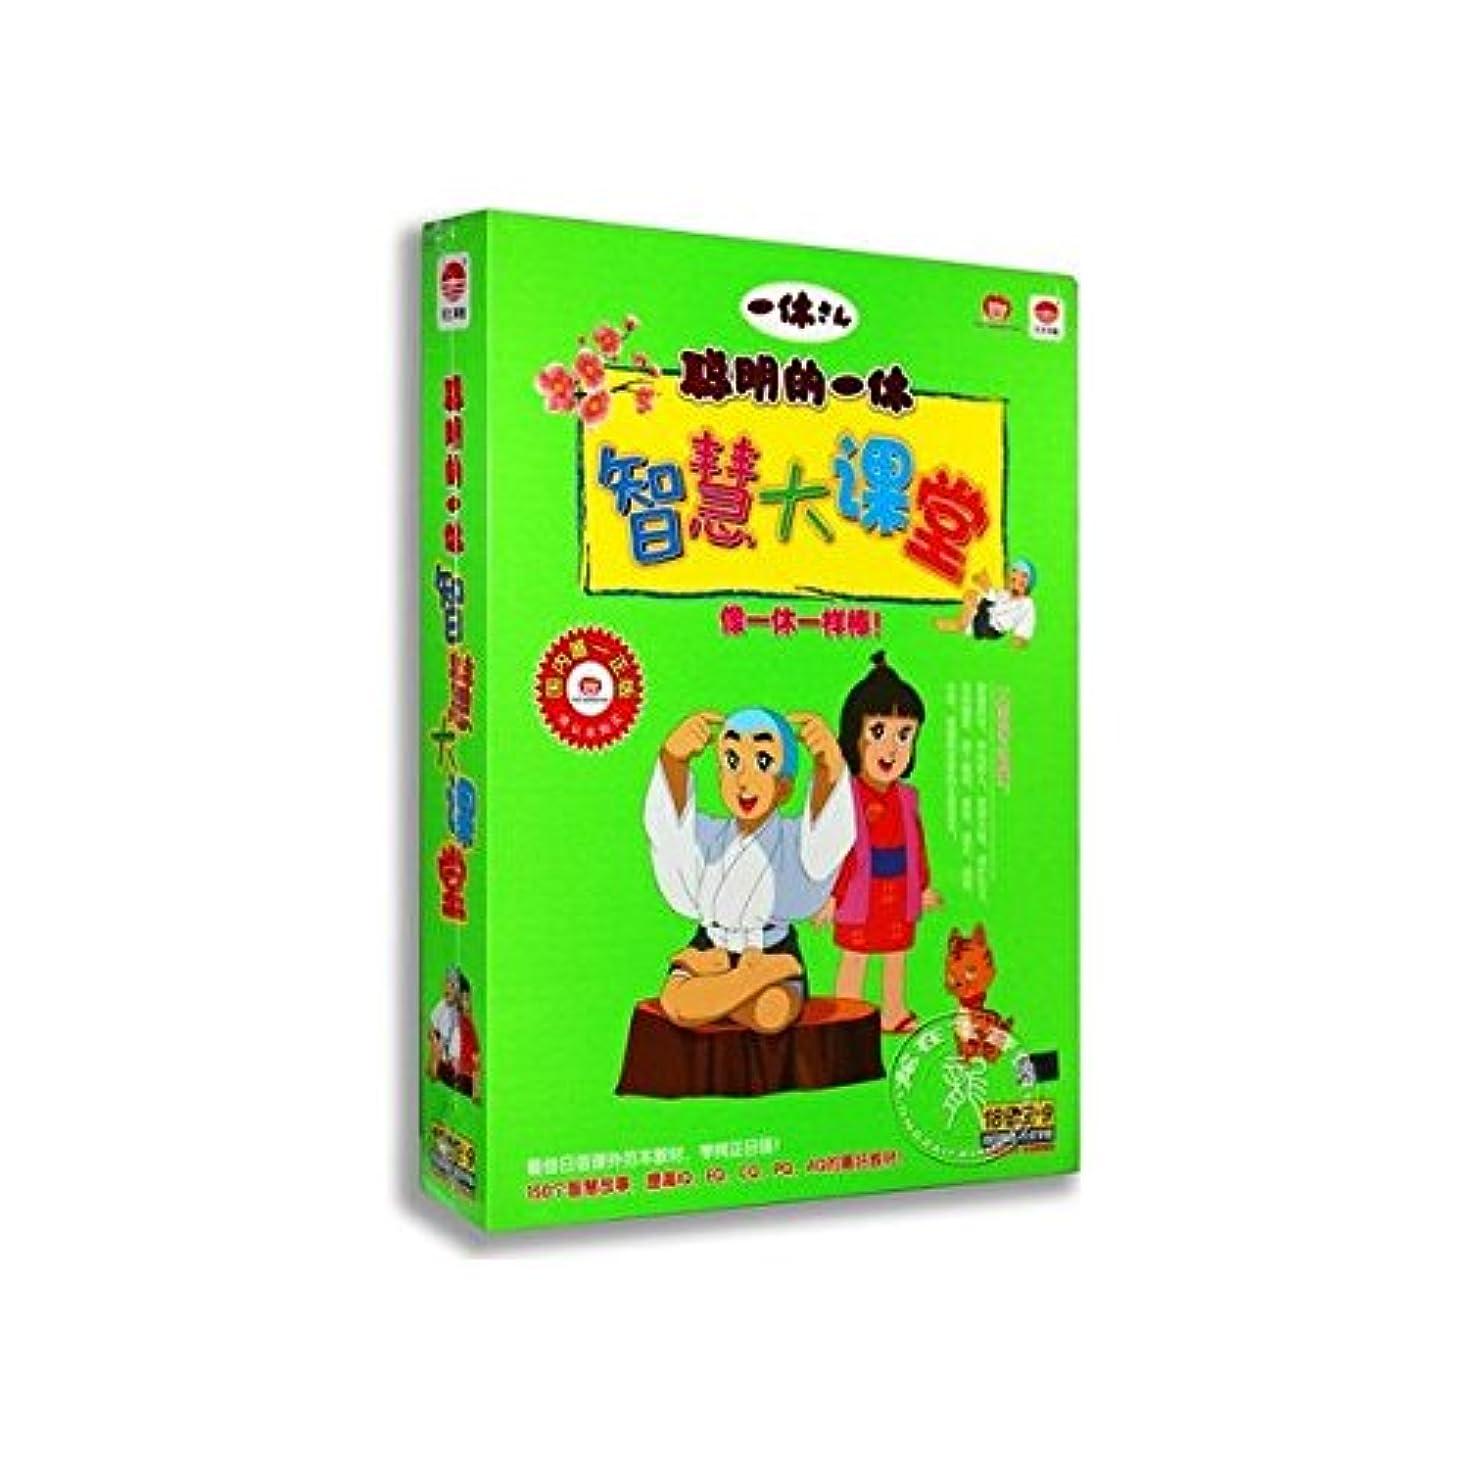 不均一スポット概して一休さん 1~150話セット 中国正規版 DVD [並行輸入品]